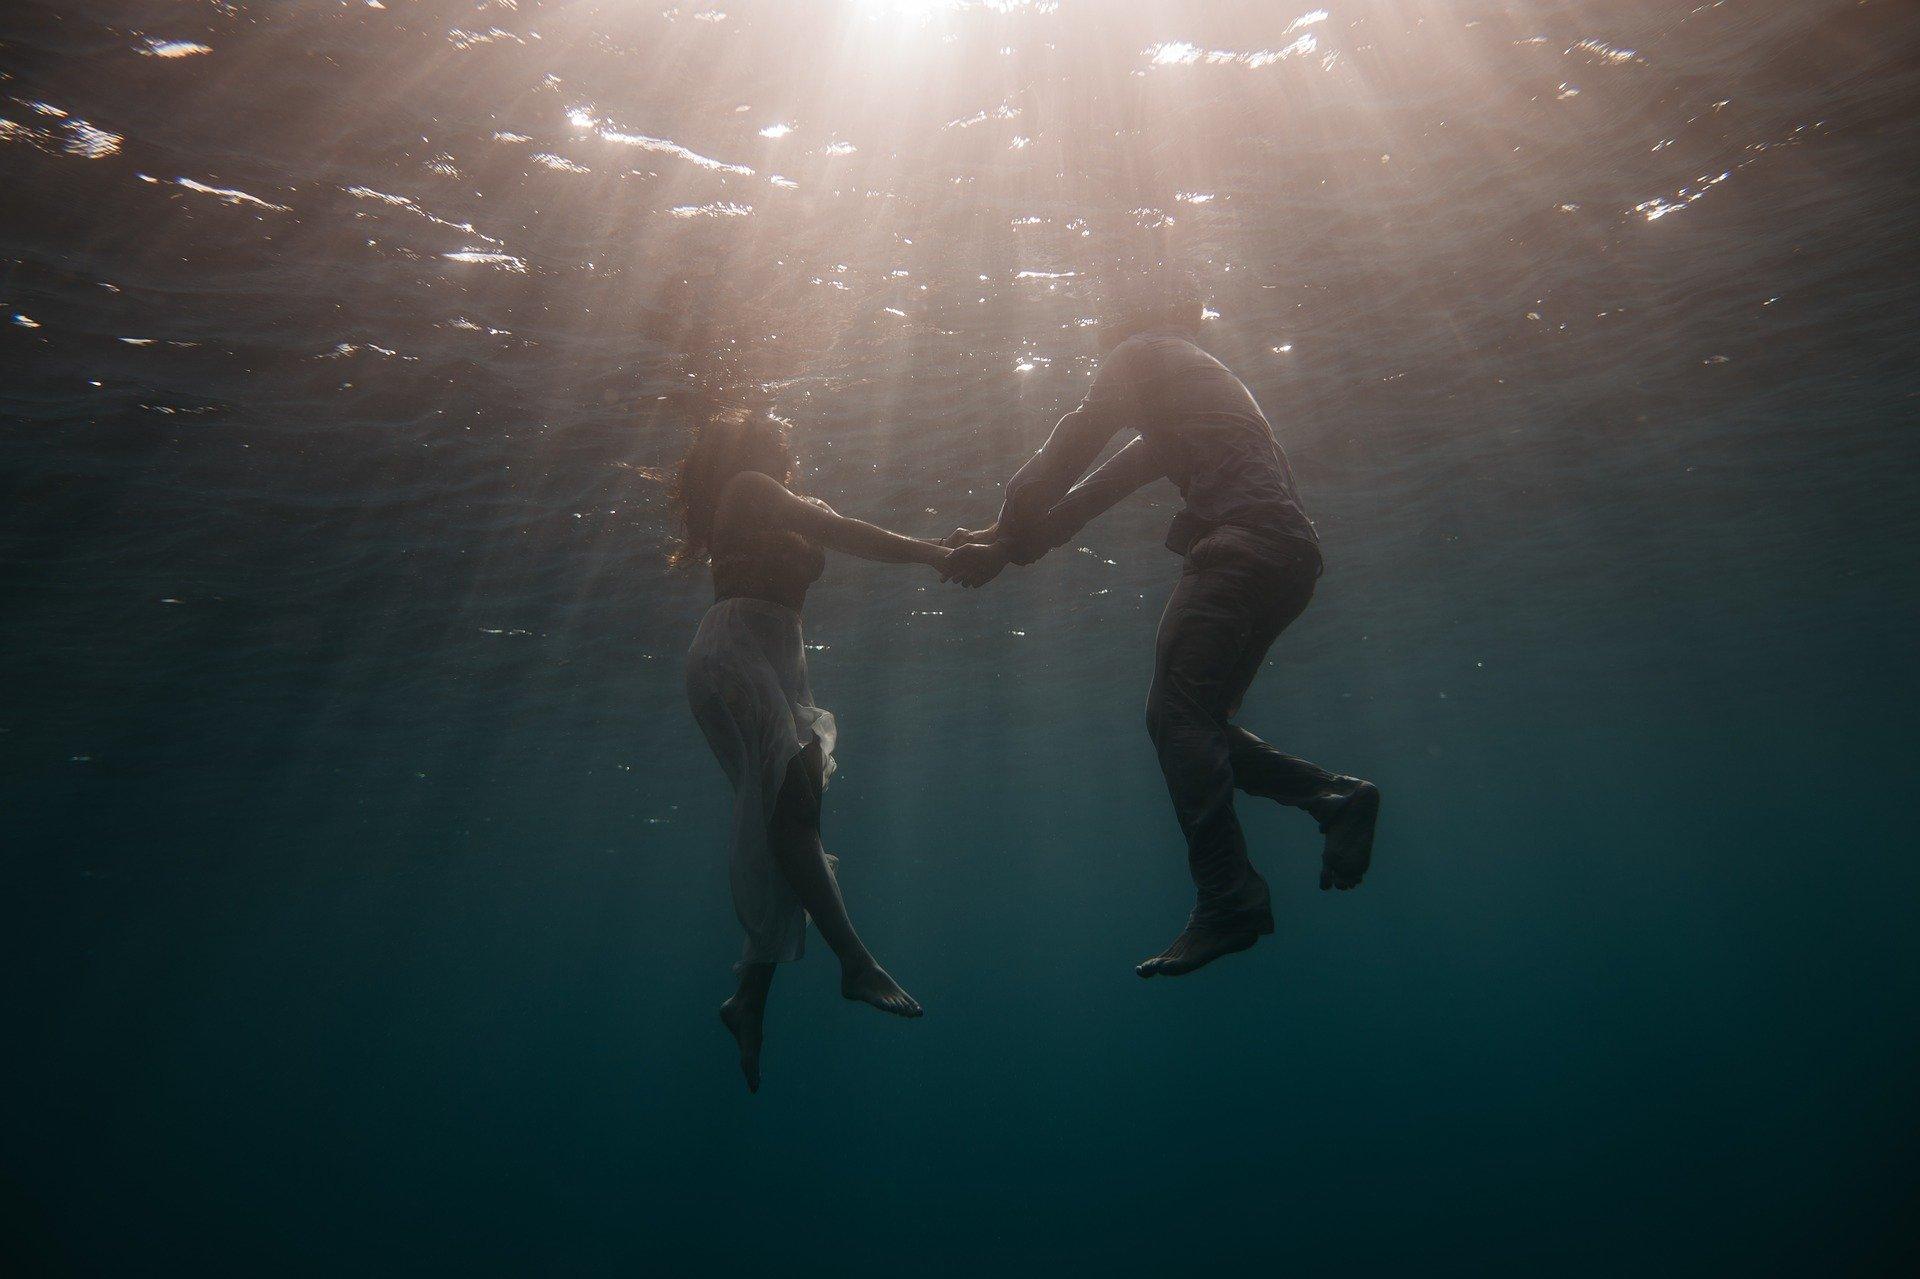 un uomo e una donna fotogeafati da sott'acqua che si tengono per mano restando a galla